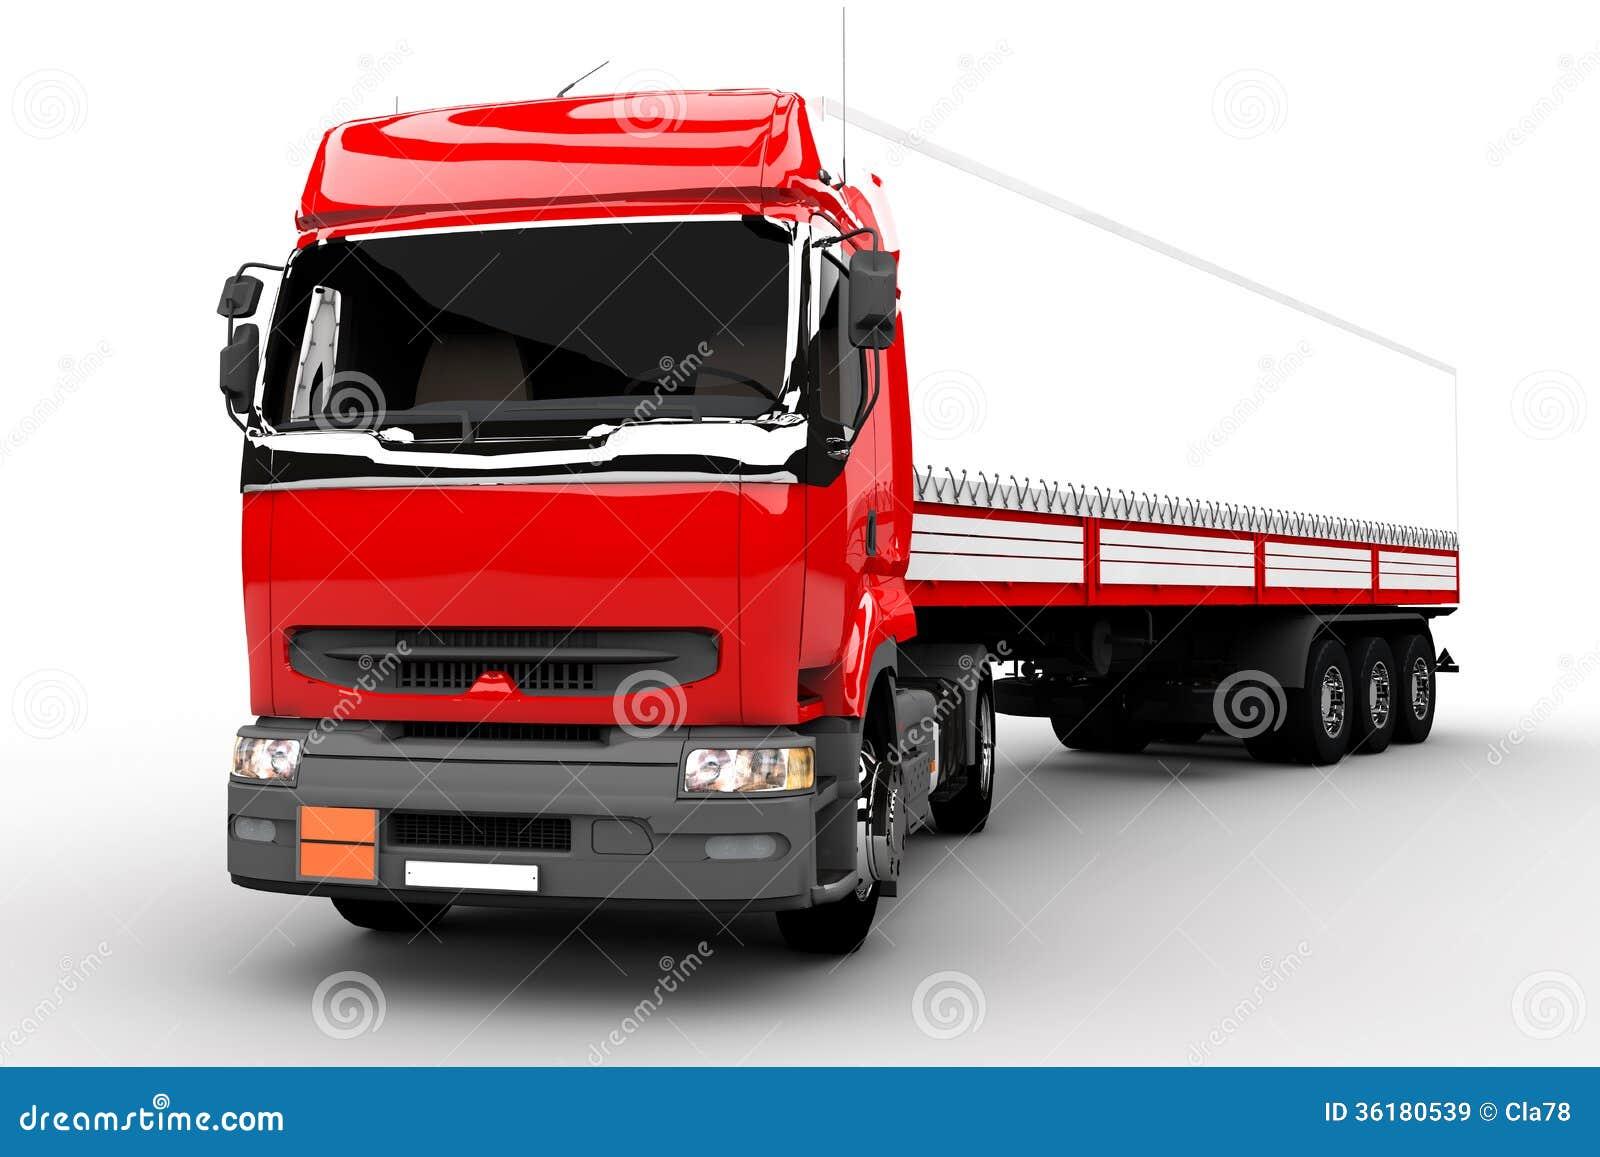 Transport Truck Stock Illustration. Illustration Of